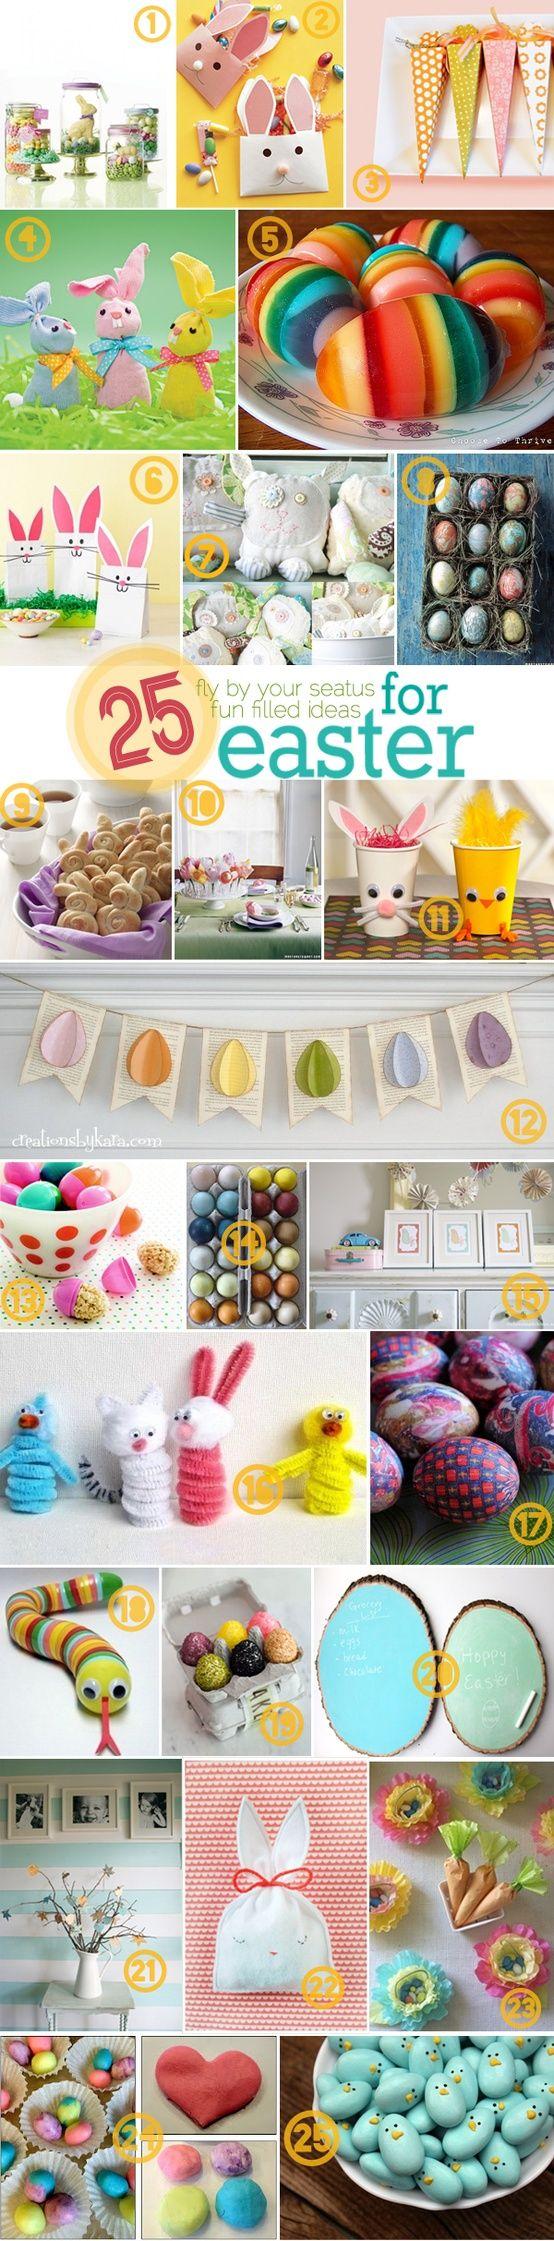 25 Easter ideas via Handmade Home